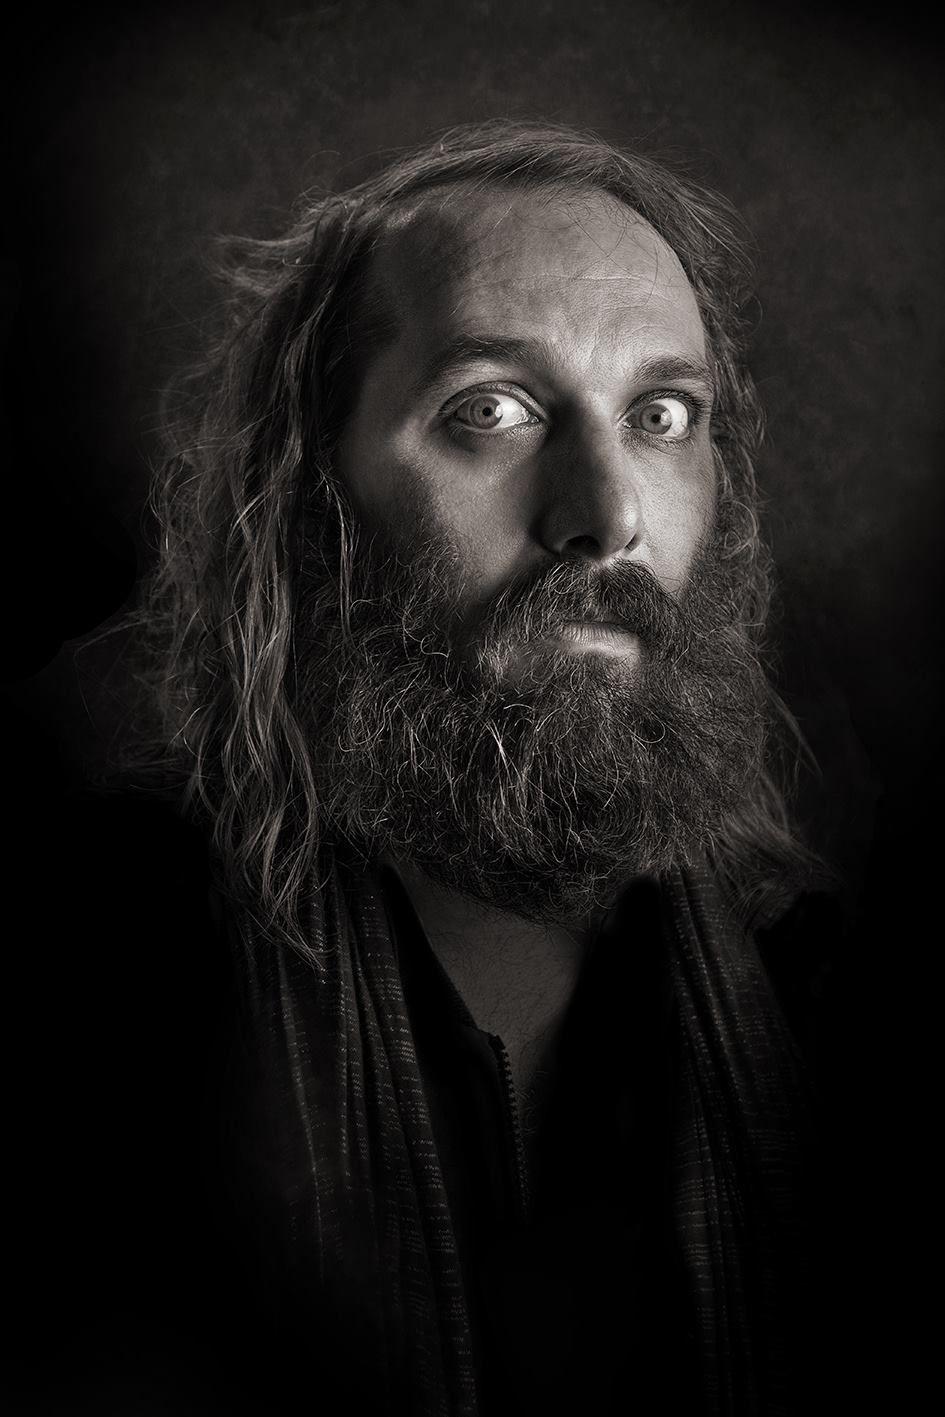 Sebastien Tellier by Krijn. © Krijn van Noordwijk